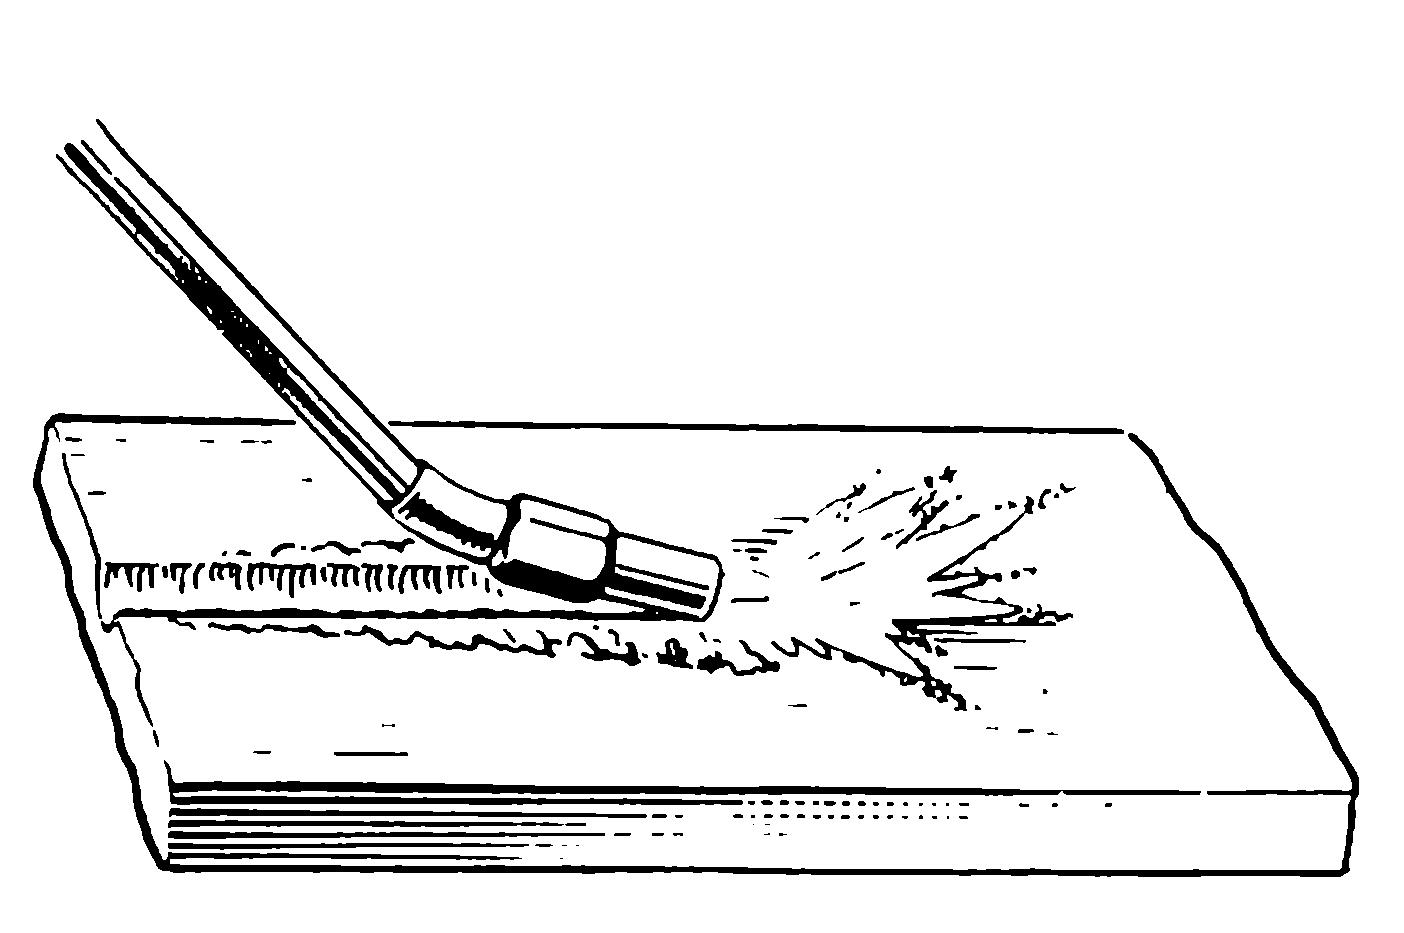 Газокислородная строжка. Ист. http://sudoremont.blogspot.nl/2015/03/redstapenaya-strojka.html.